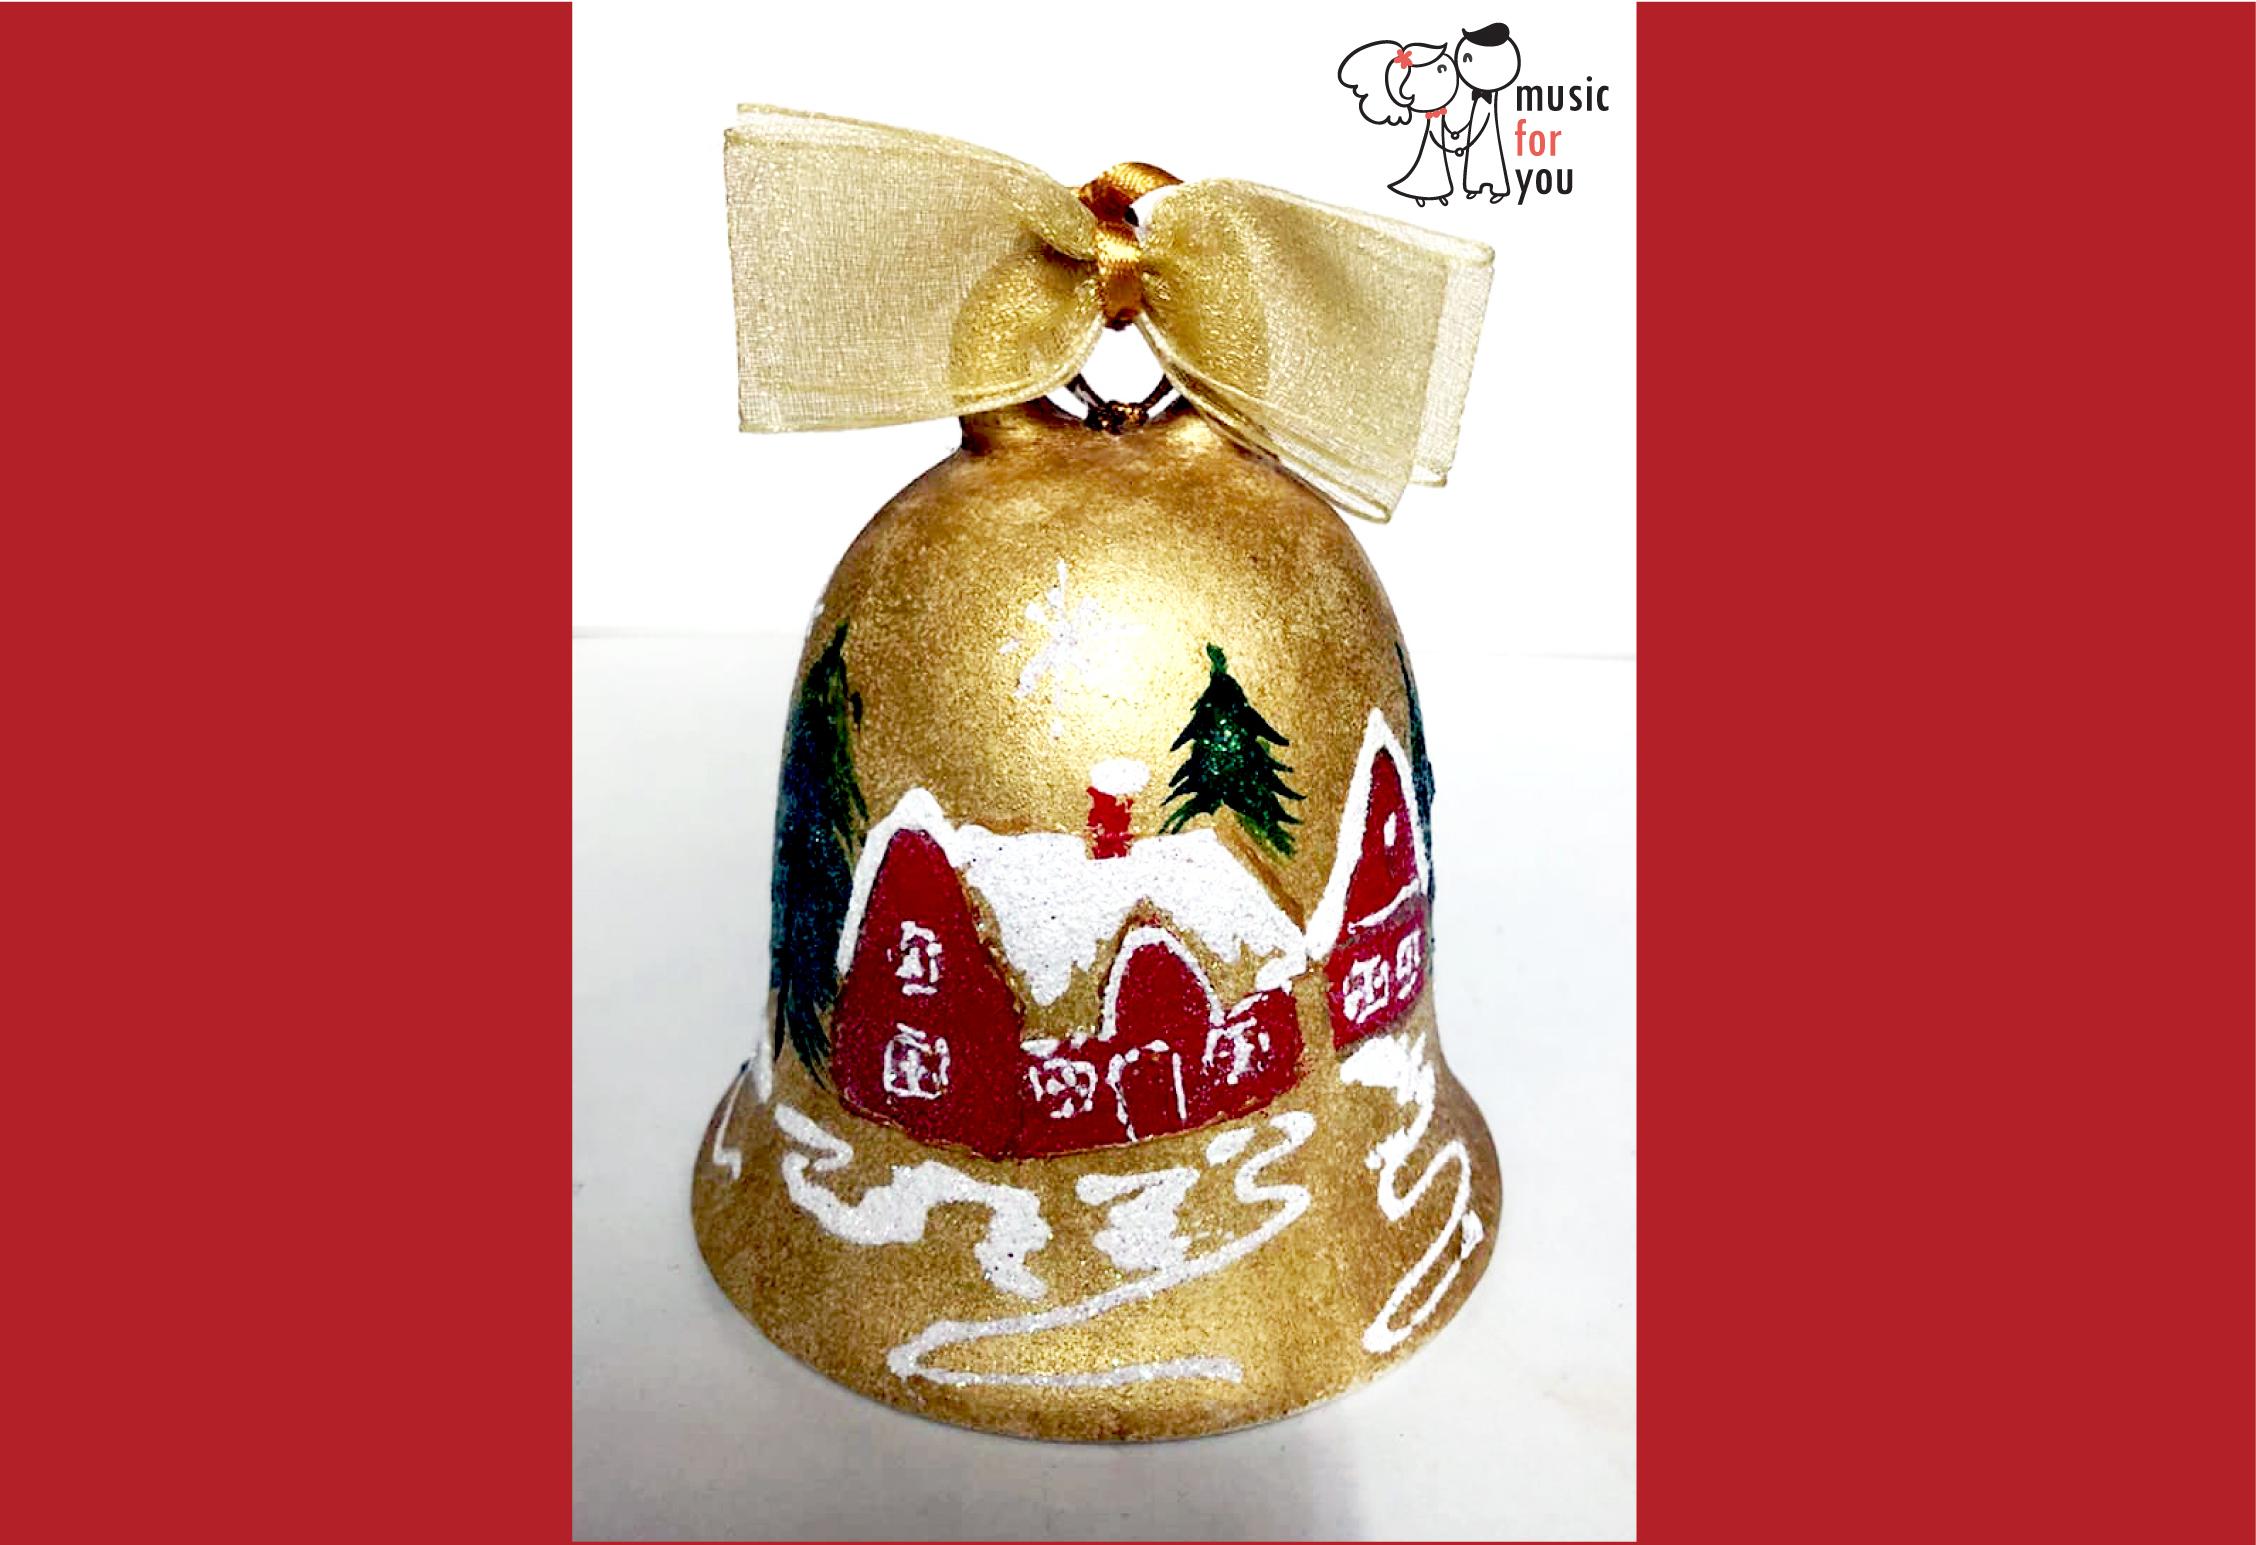 Подарък за празниците! Рисувана бутилка червено вино с празнична декорация + арт камбанка от Music for You! - Снимка 9